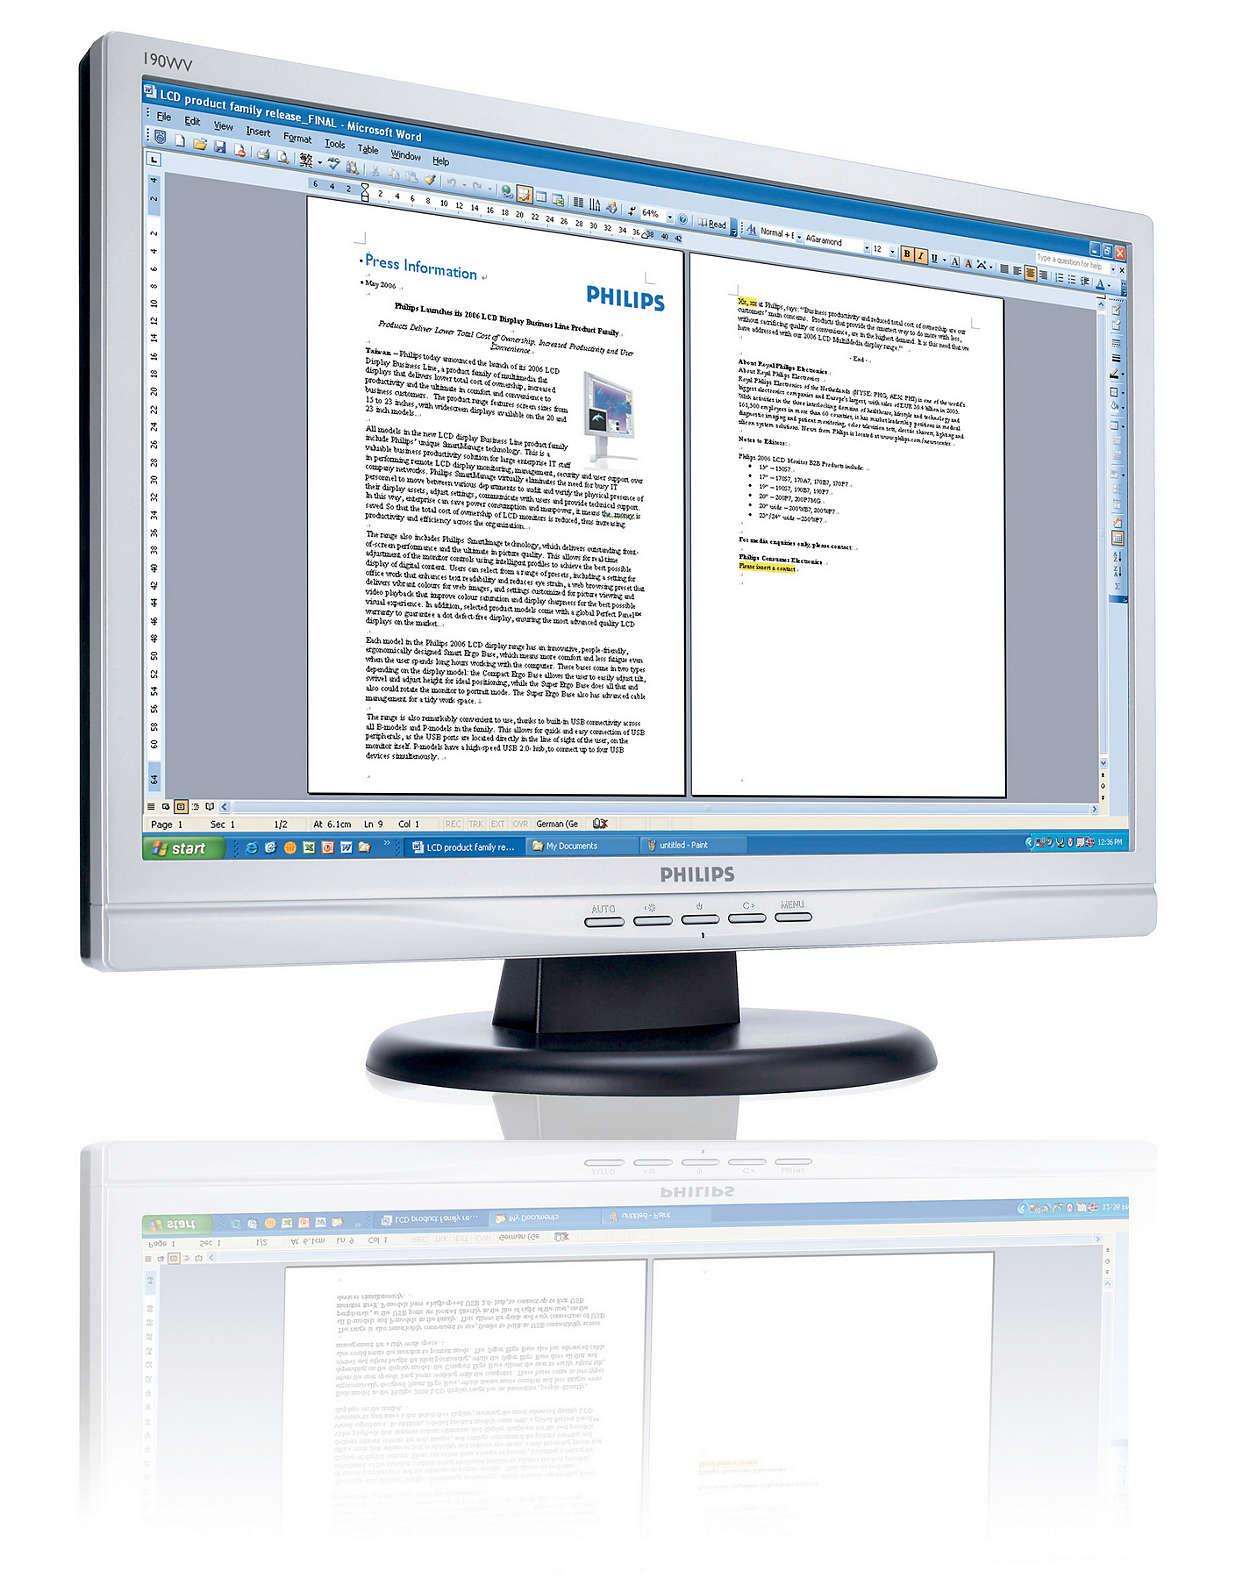 Nejlepší hodnota pro širokoúhlý monitor